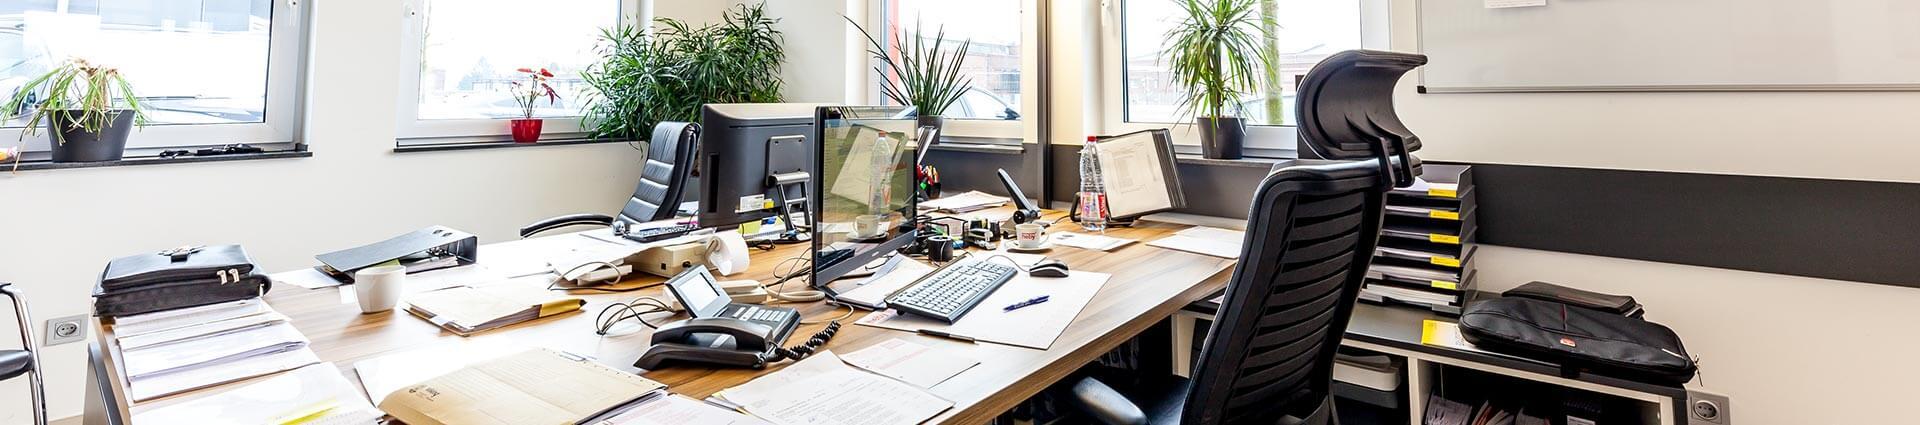 Kontakt Informationen der heby Brandschutz GmbH Düsseldorf